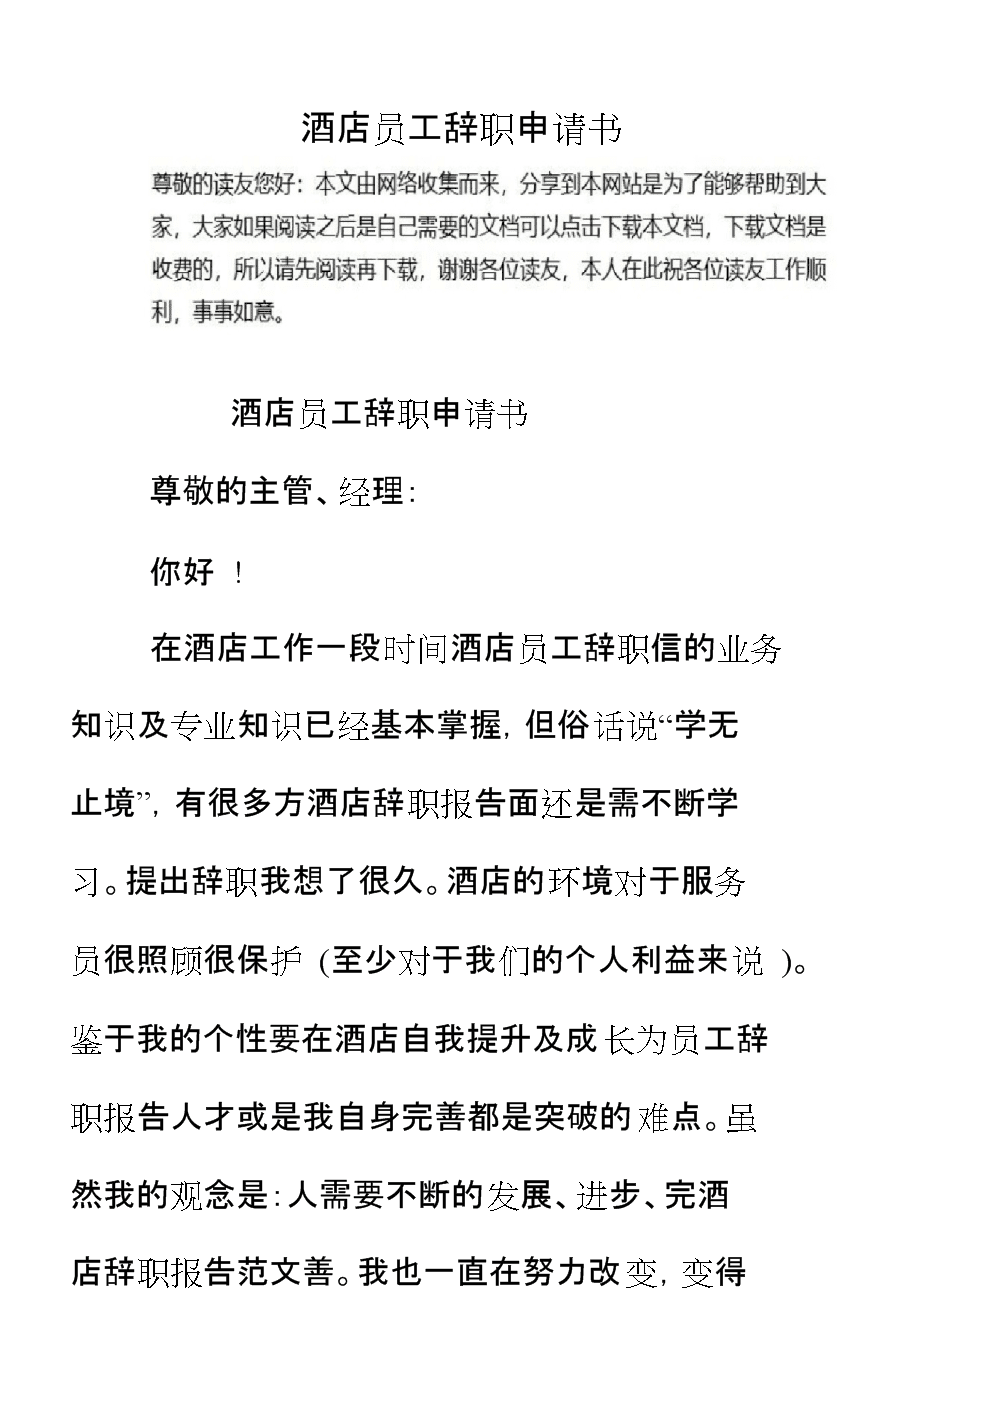 酒店员工辞职申请书文档.docx